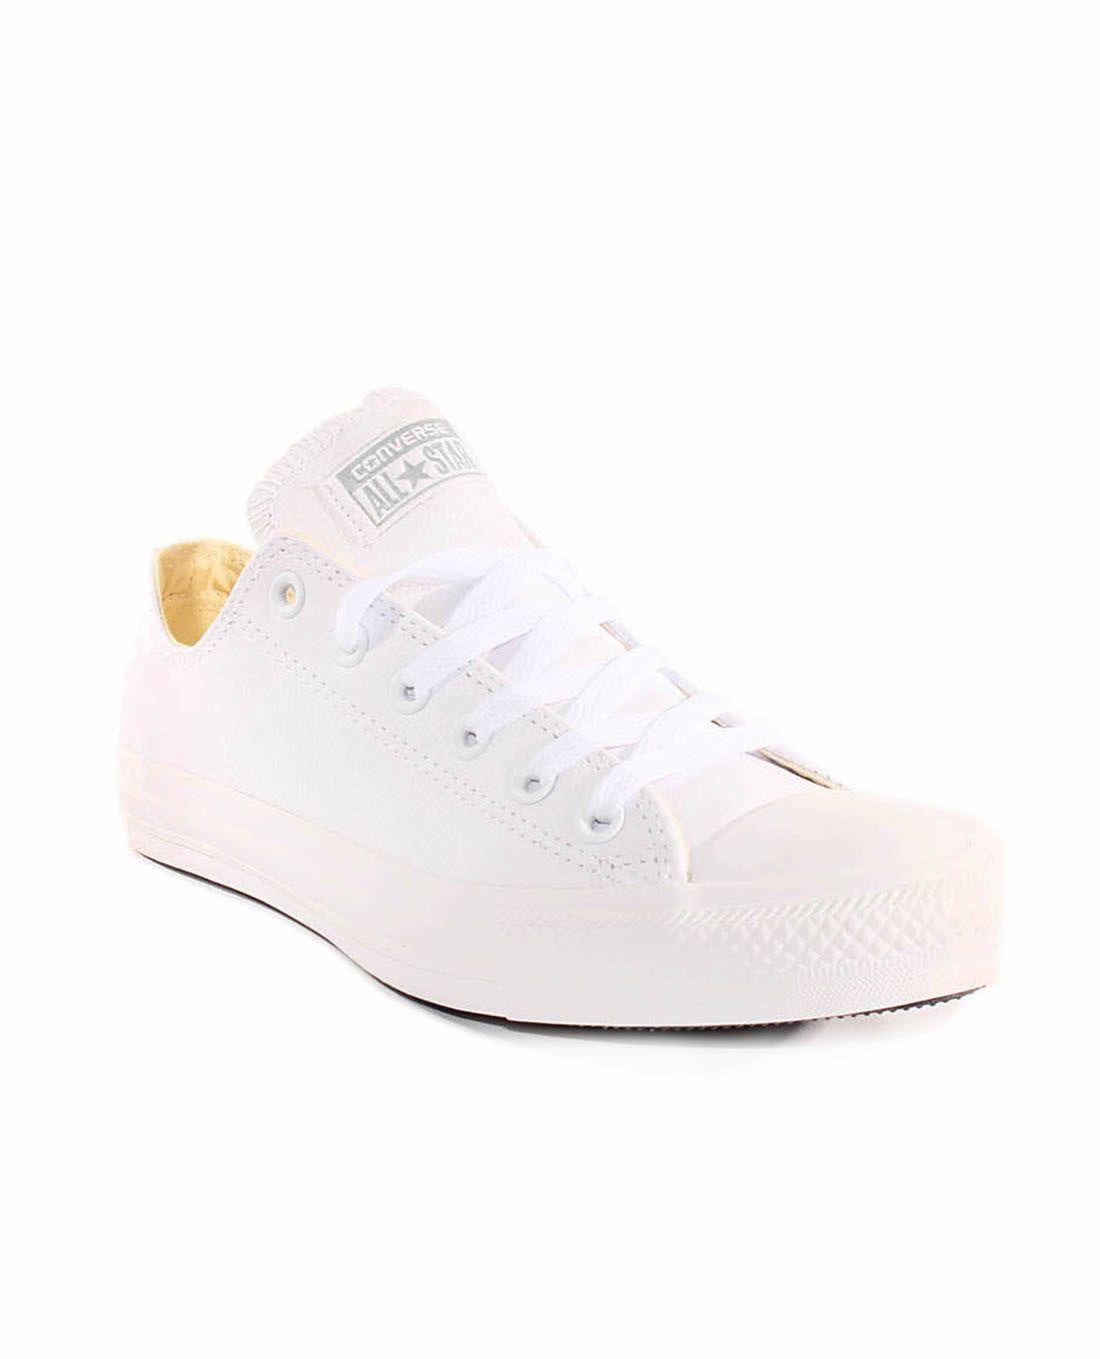 f843cd6c251a1 Zapatillas CONVERSE blanco Chuck Taylor piel